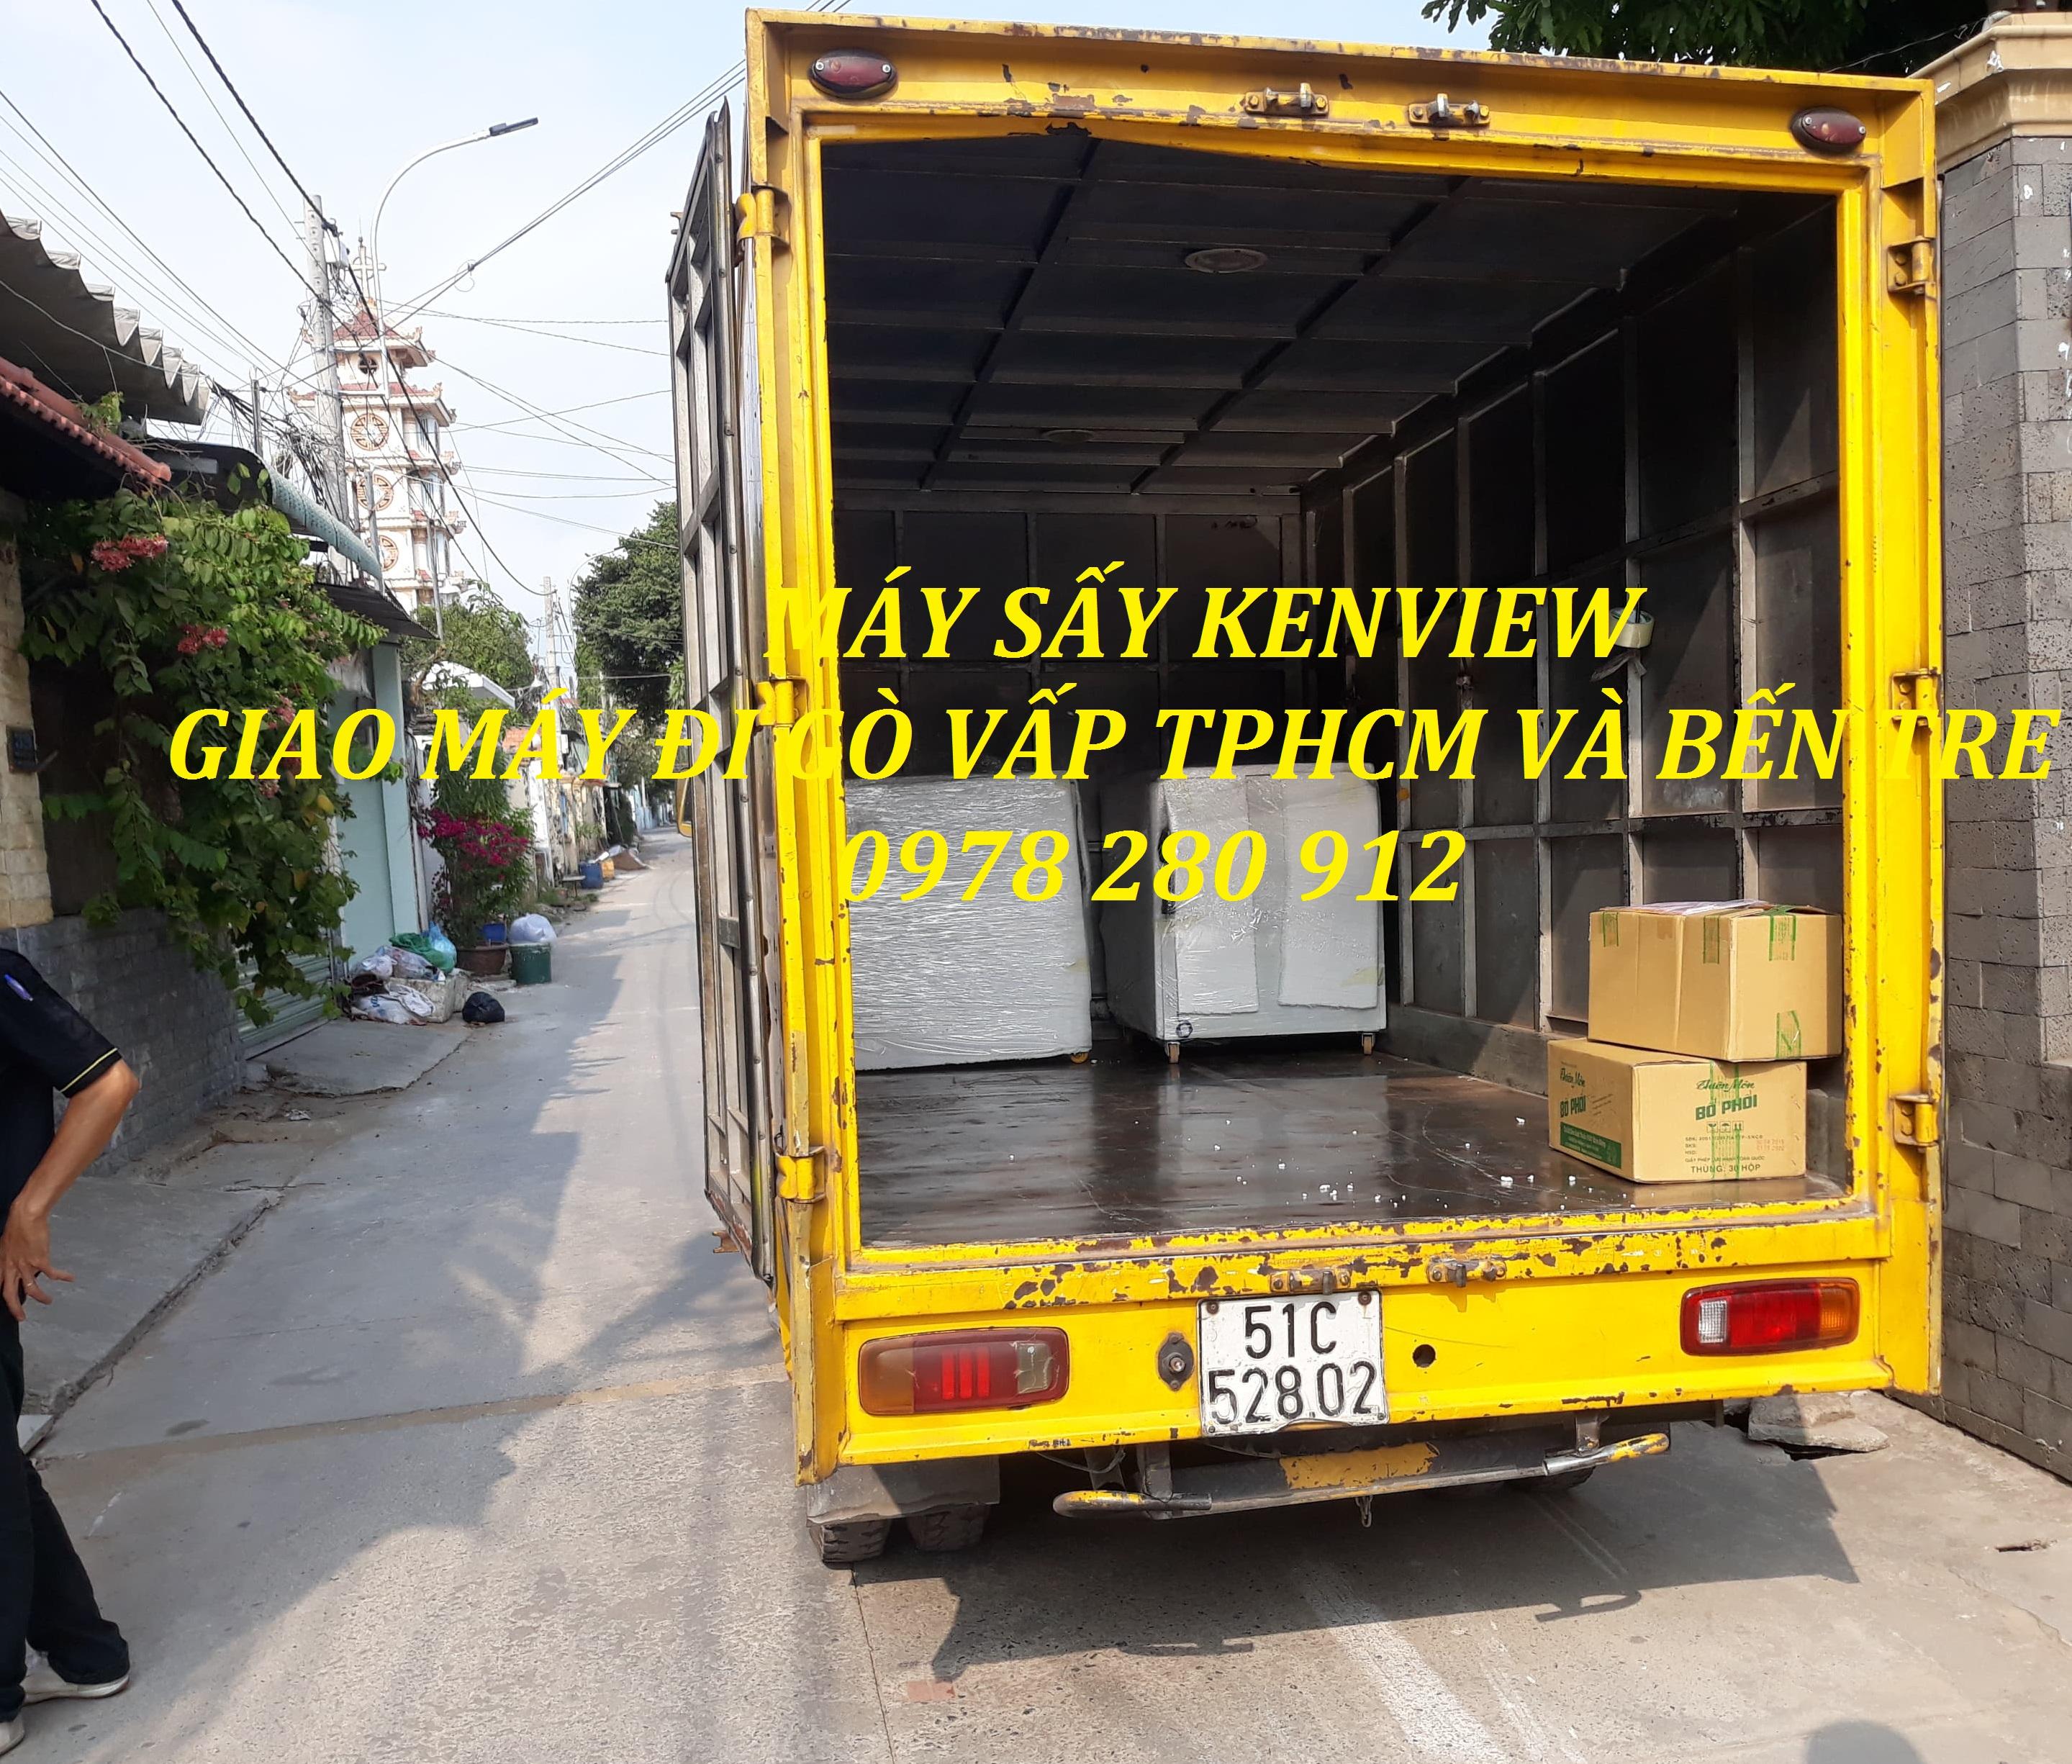 Cung cấp máy sấy mứt dừa tại Tphcm 0978 280 912